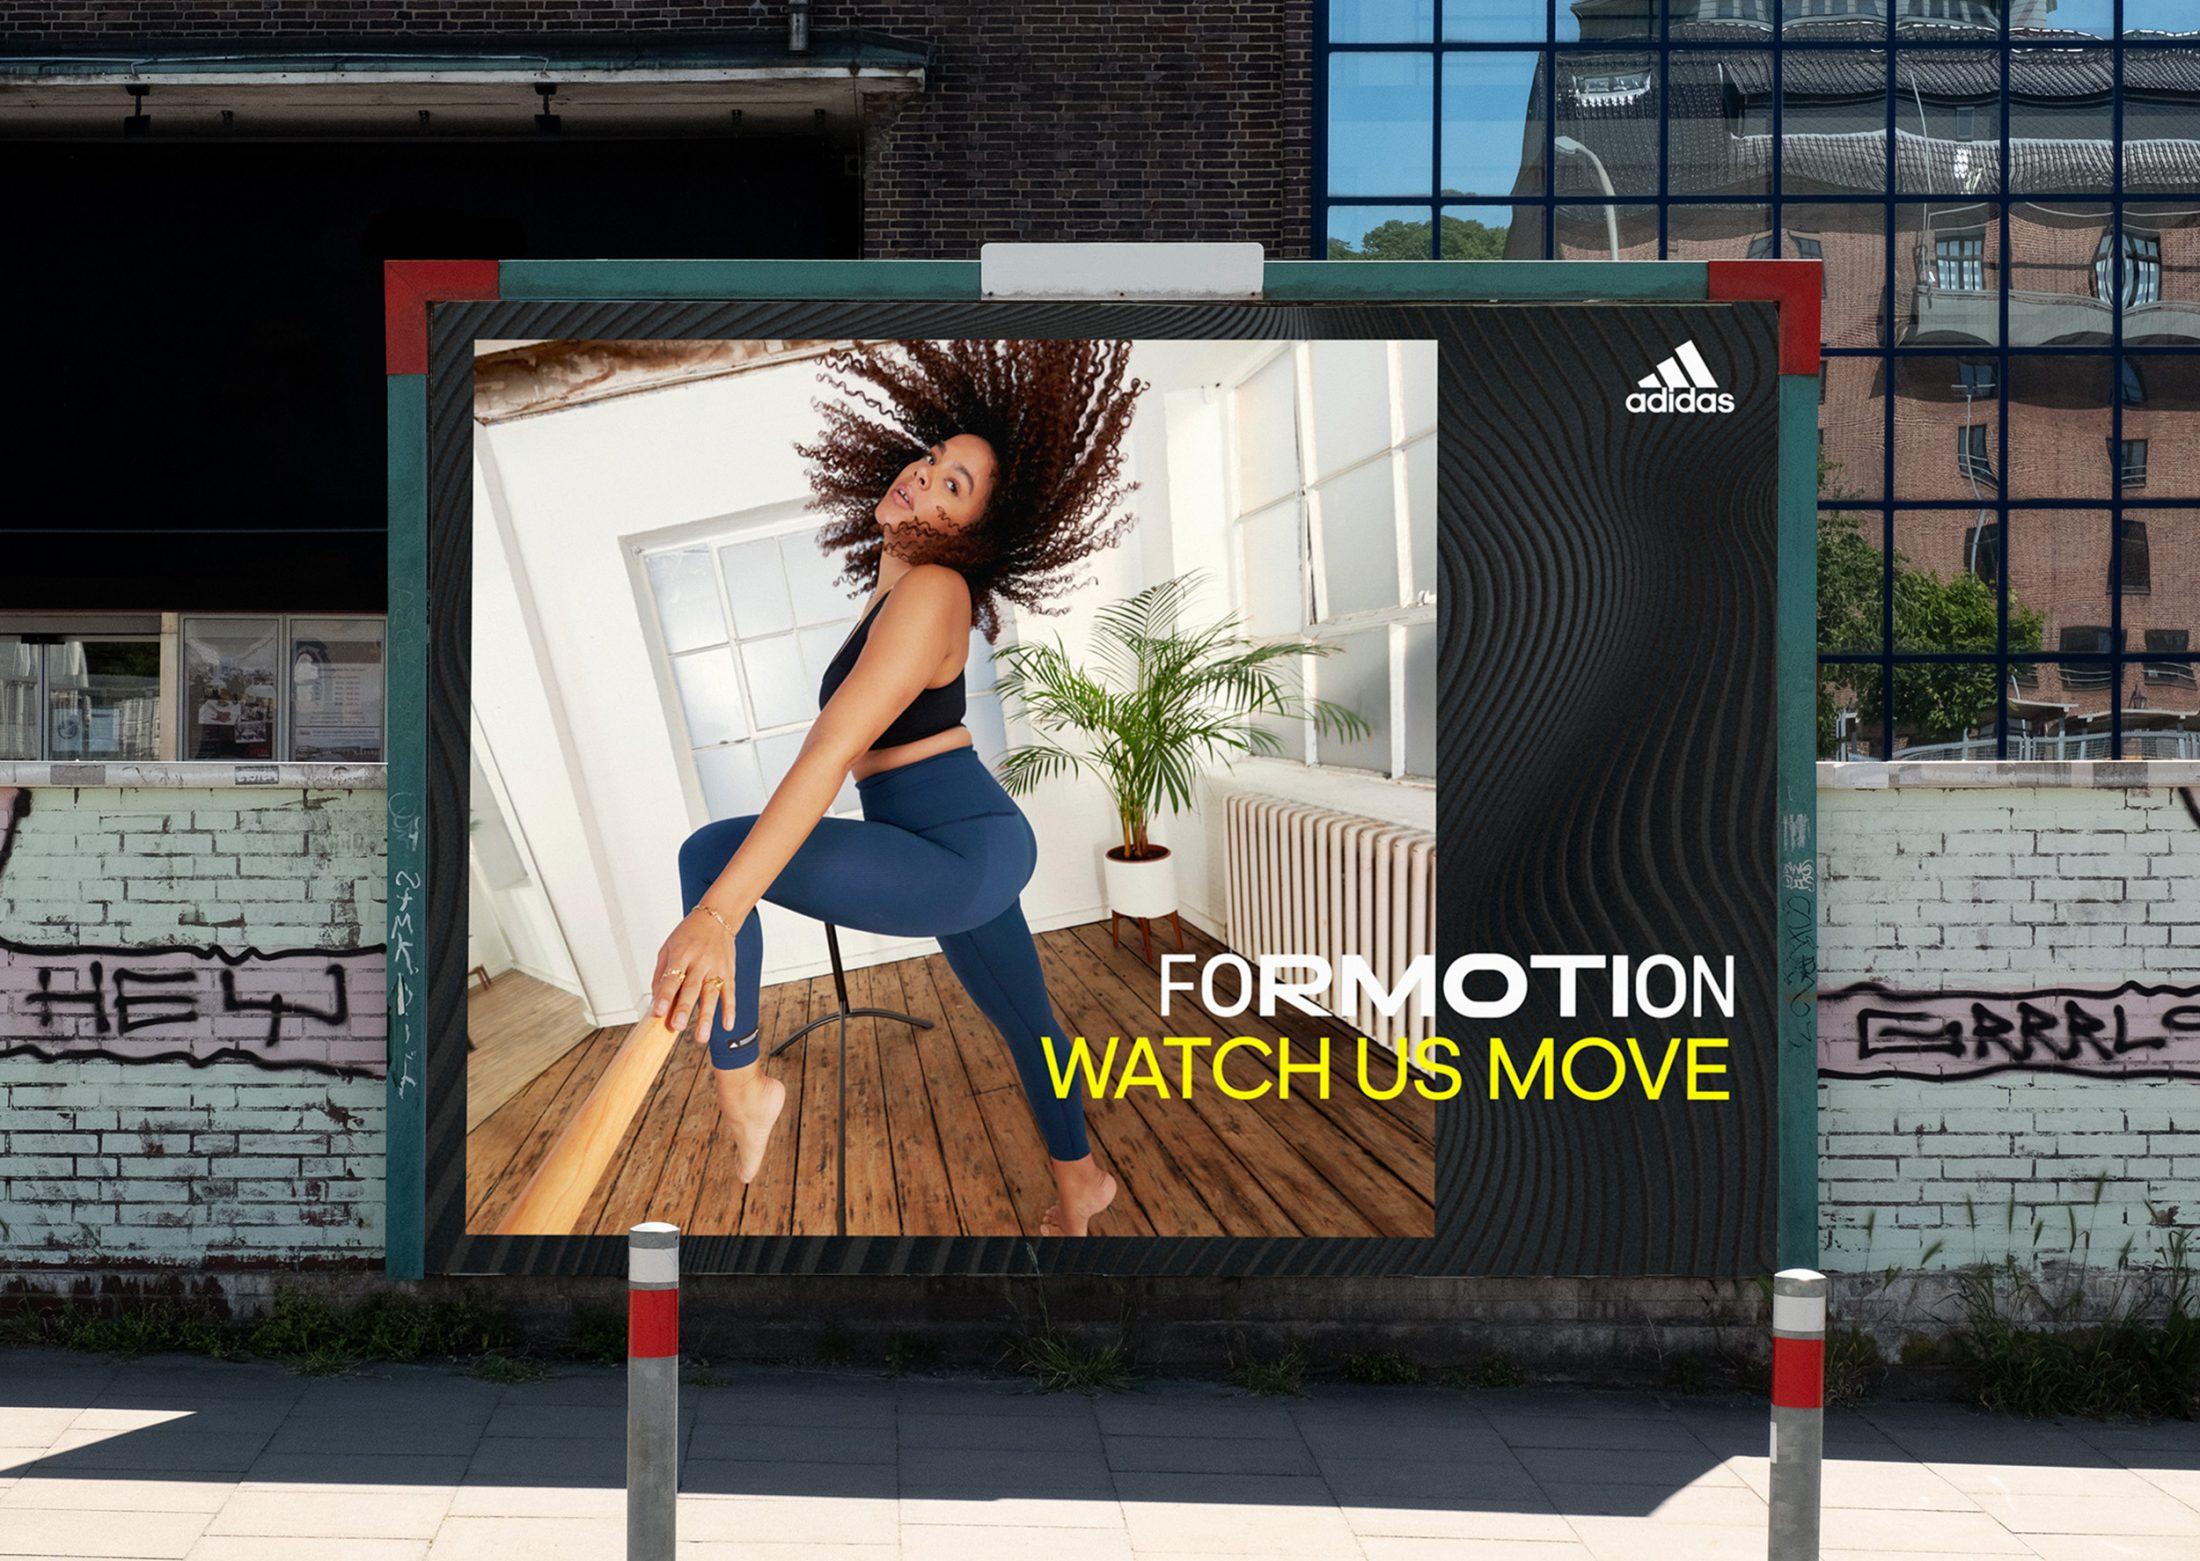 anthony_smyrski_formotion_adidas_01-2200×1561-1